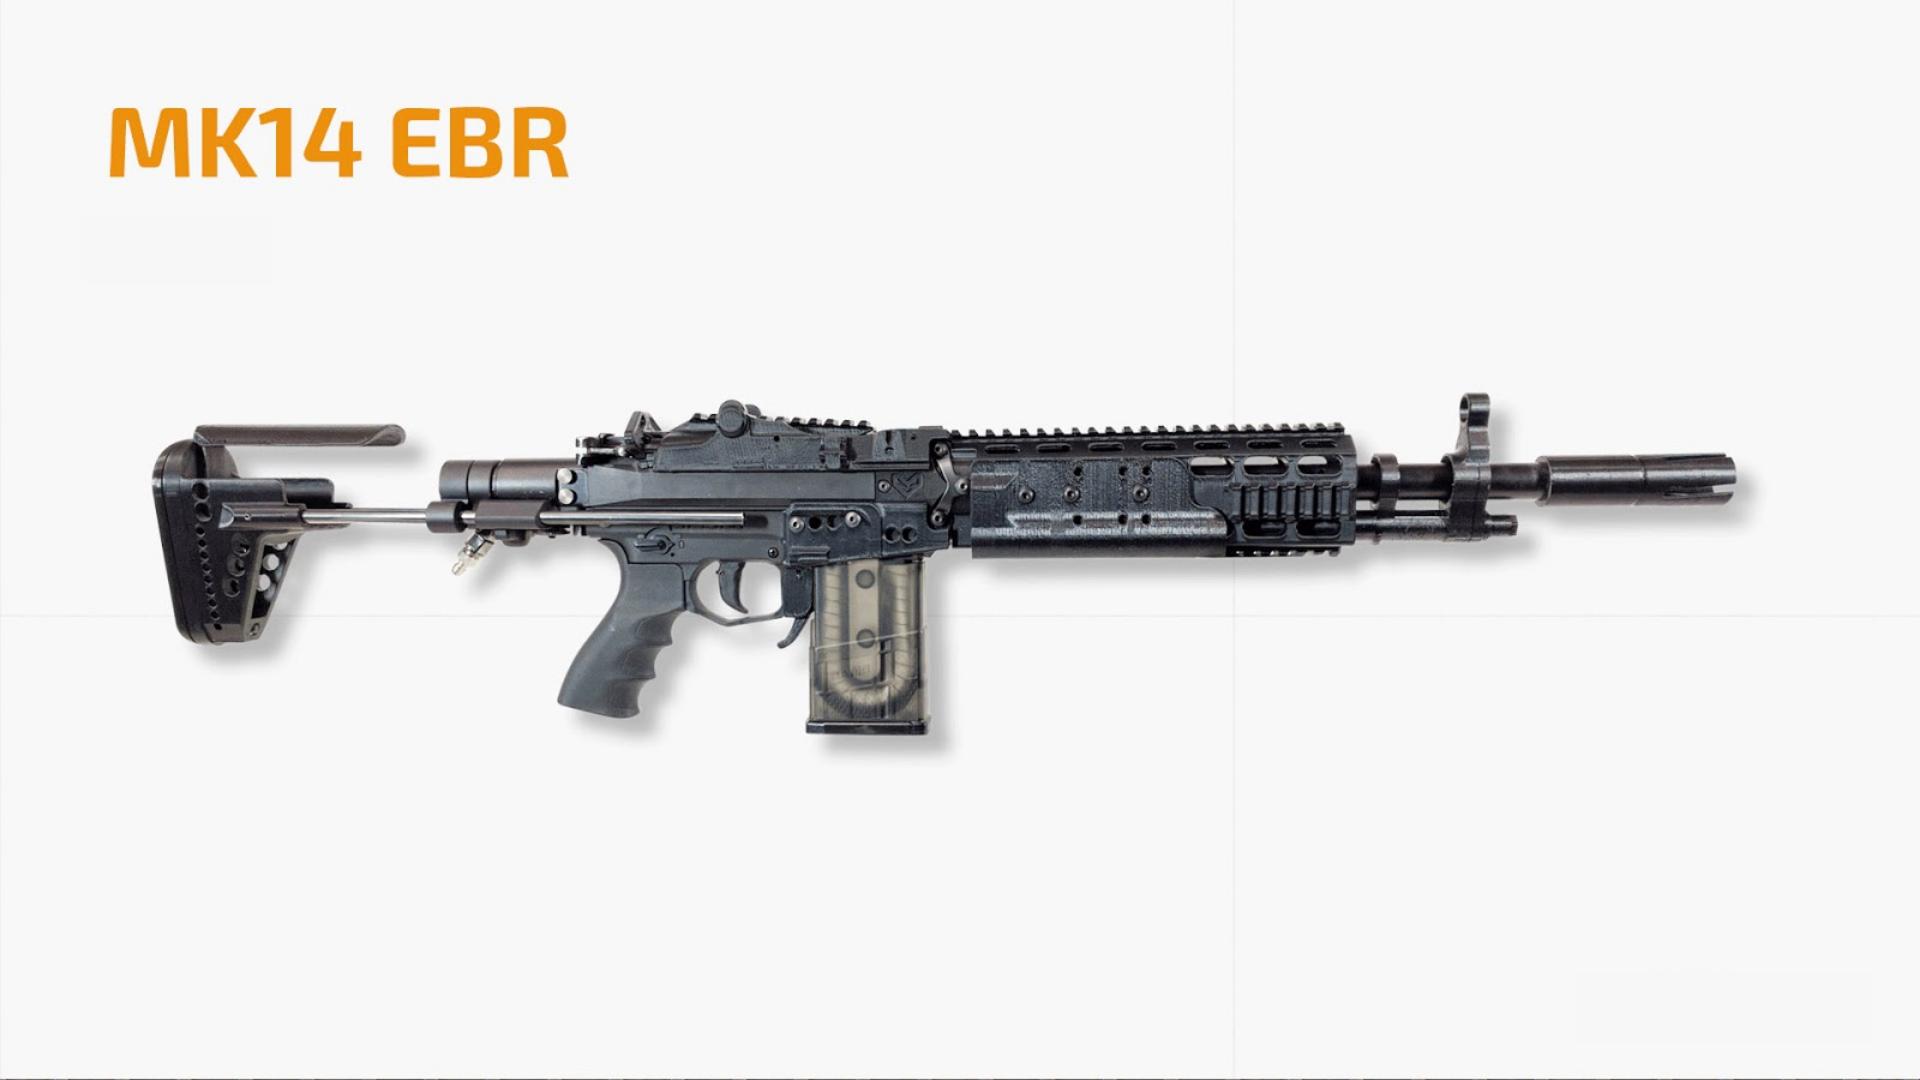 سلاح mk14 في ببجي موبايل